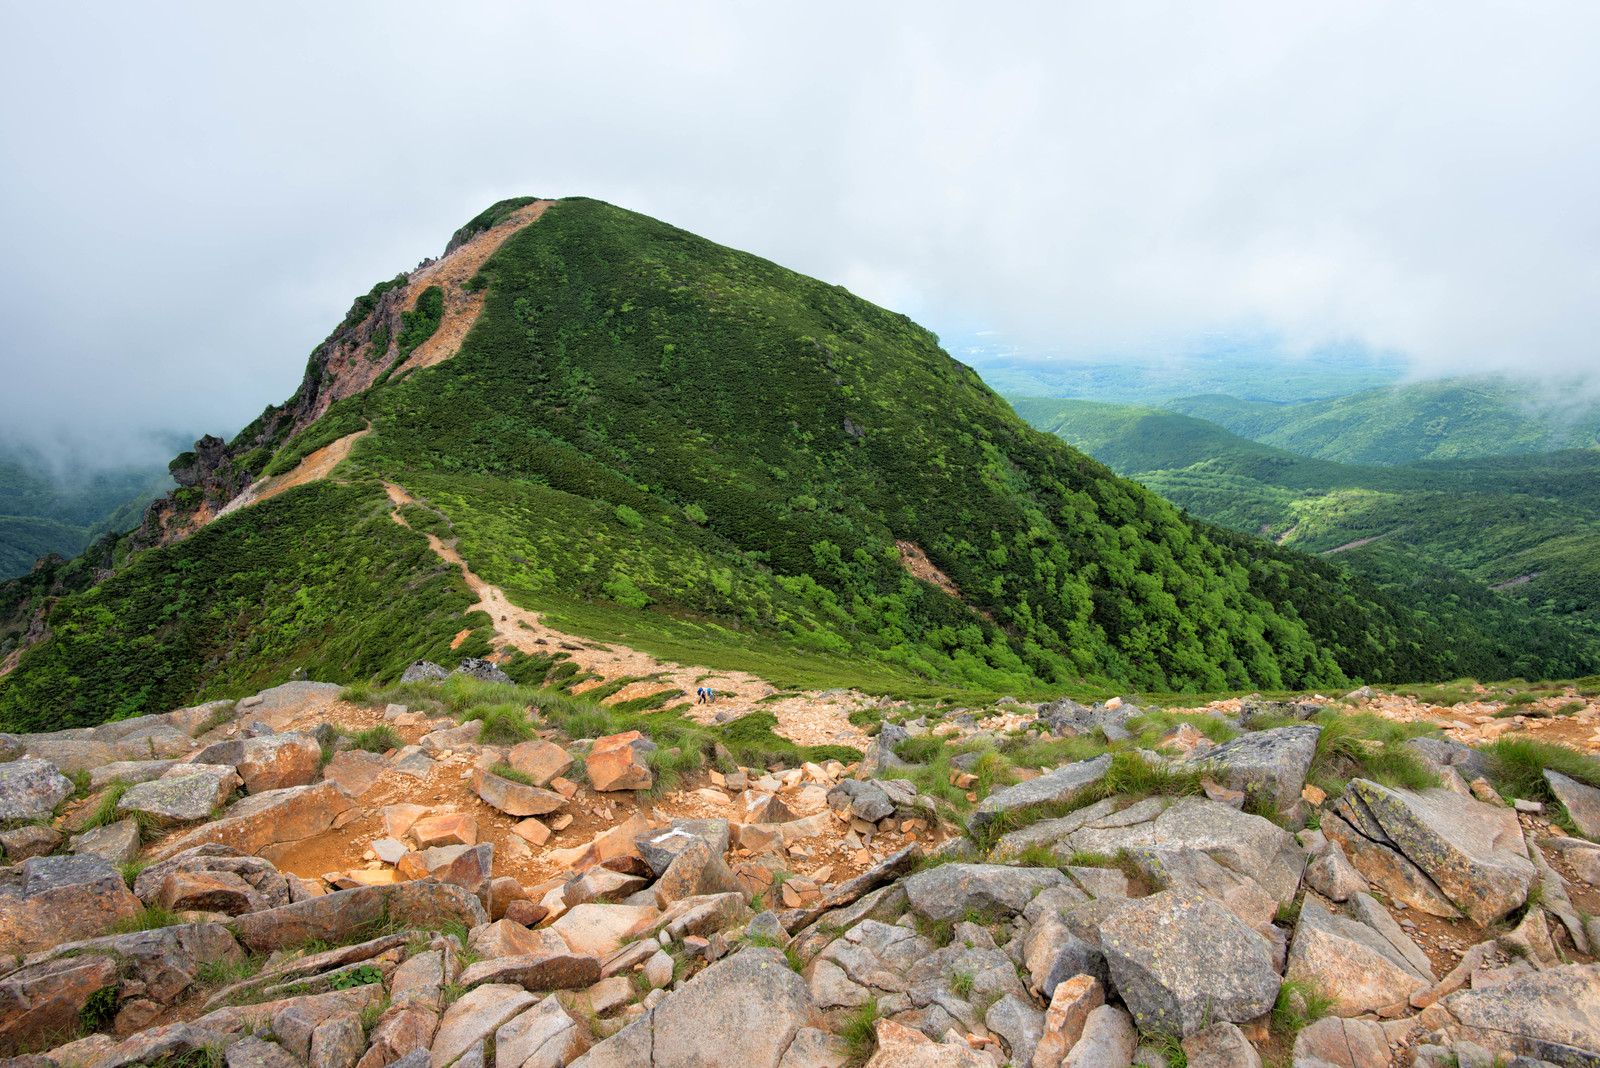 「東天狗岳から続く西天狗岳への登山道(八ヶ岳)」の写真